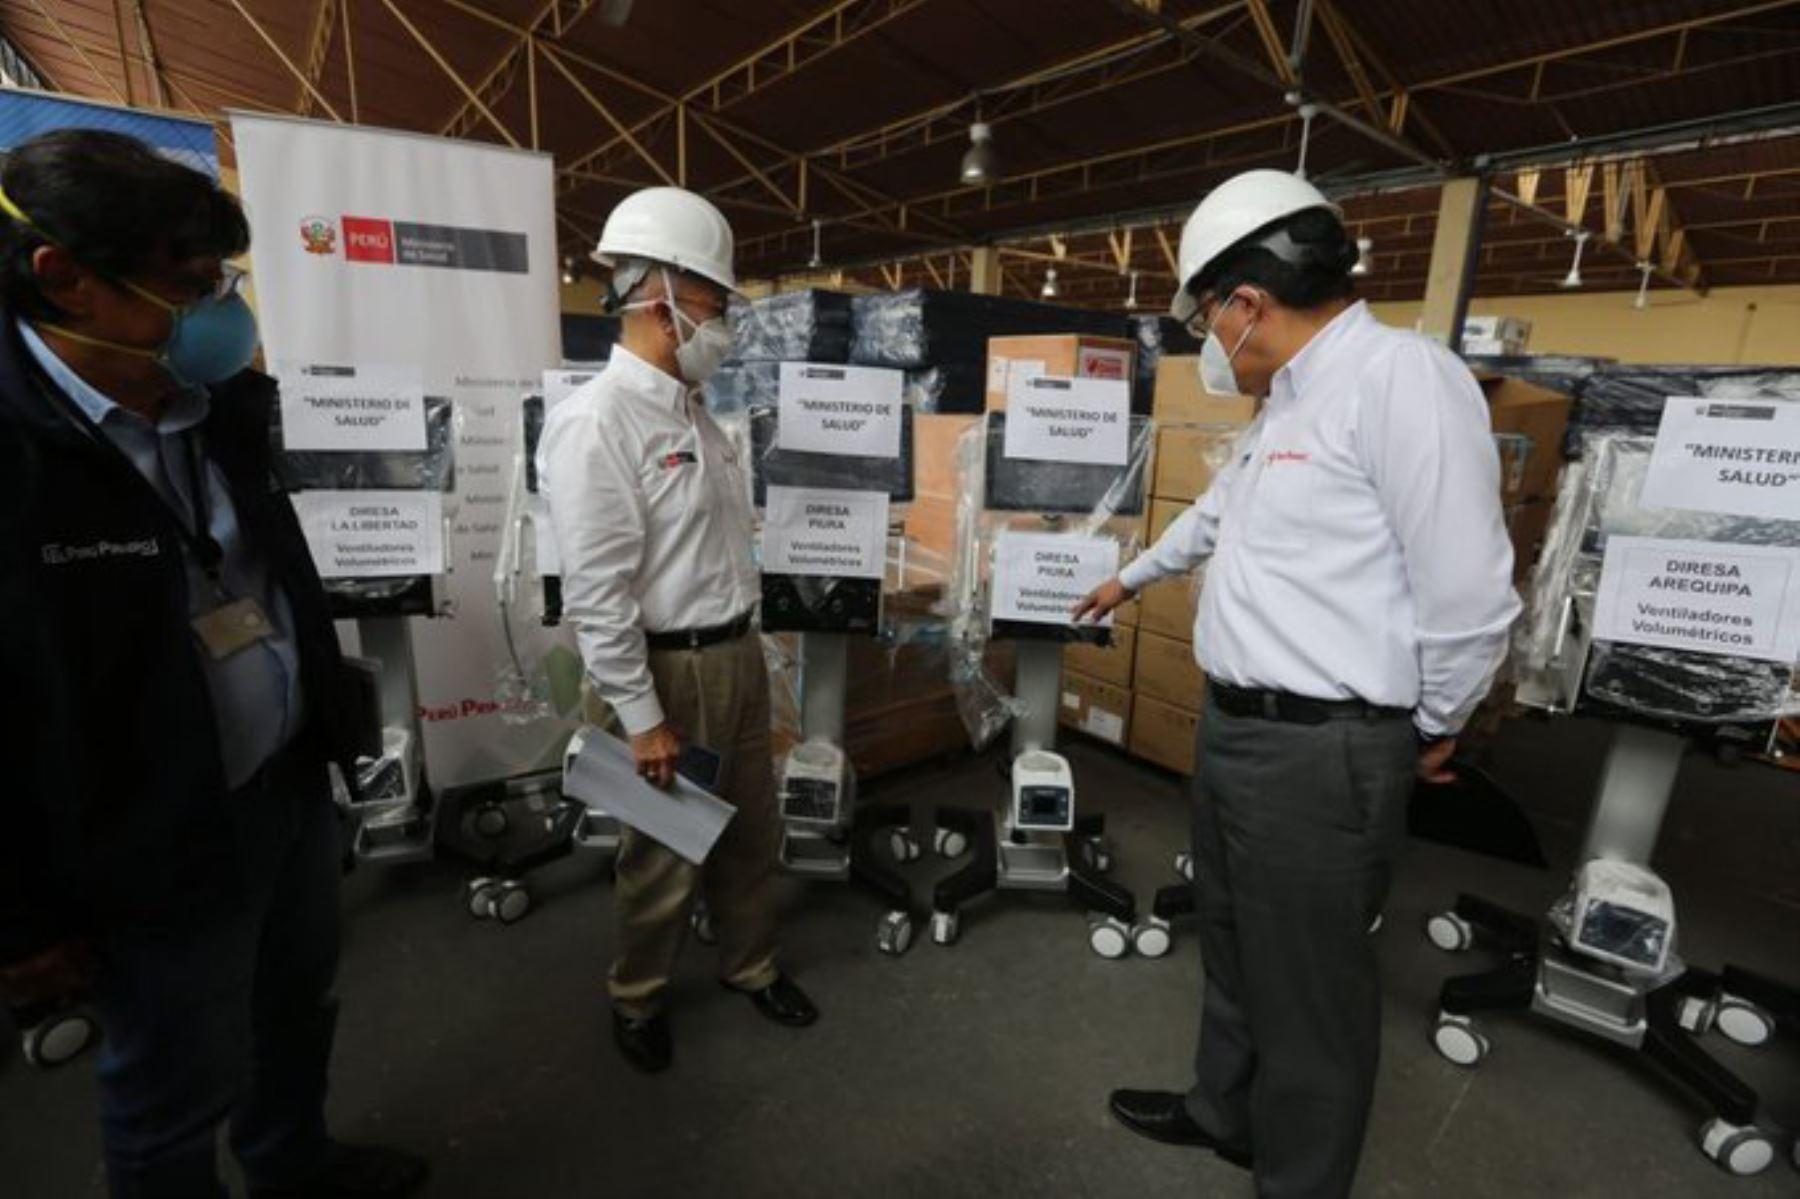 El ministro Salud Víctor Zamora y el Premier, Vicente Zeballos, presentaron 50 ventiladores mecánicos que serán distribuidos en Lima, Piura, Trujillo, Áncash, Ica, Arequipa y Cusco. Foto: ANDINA/Difusión